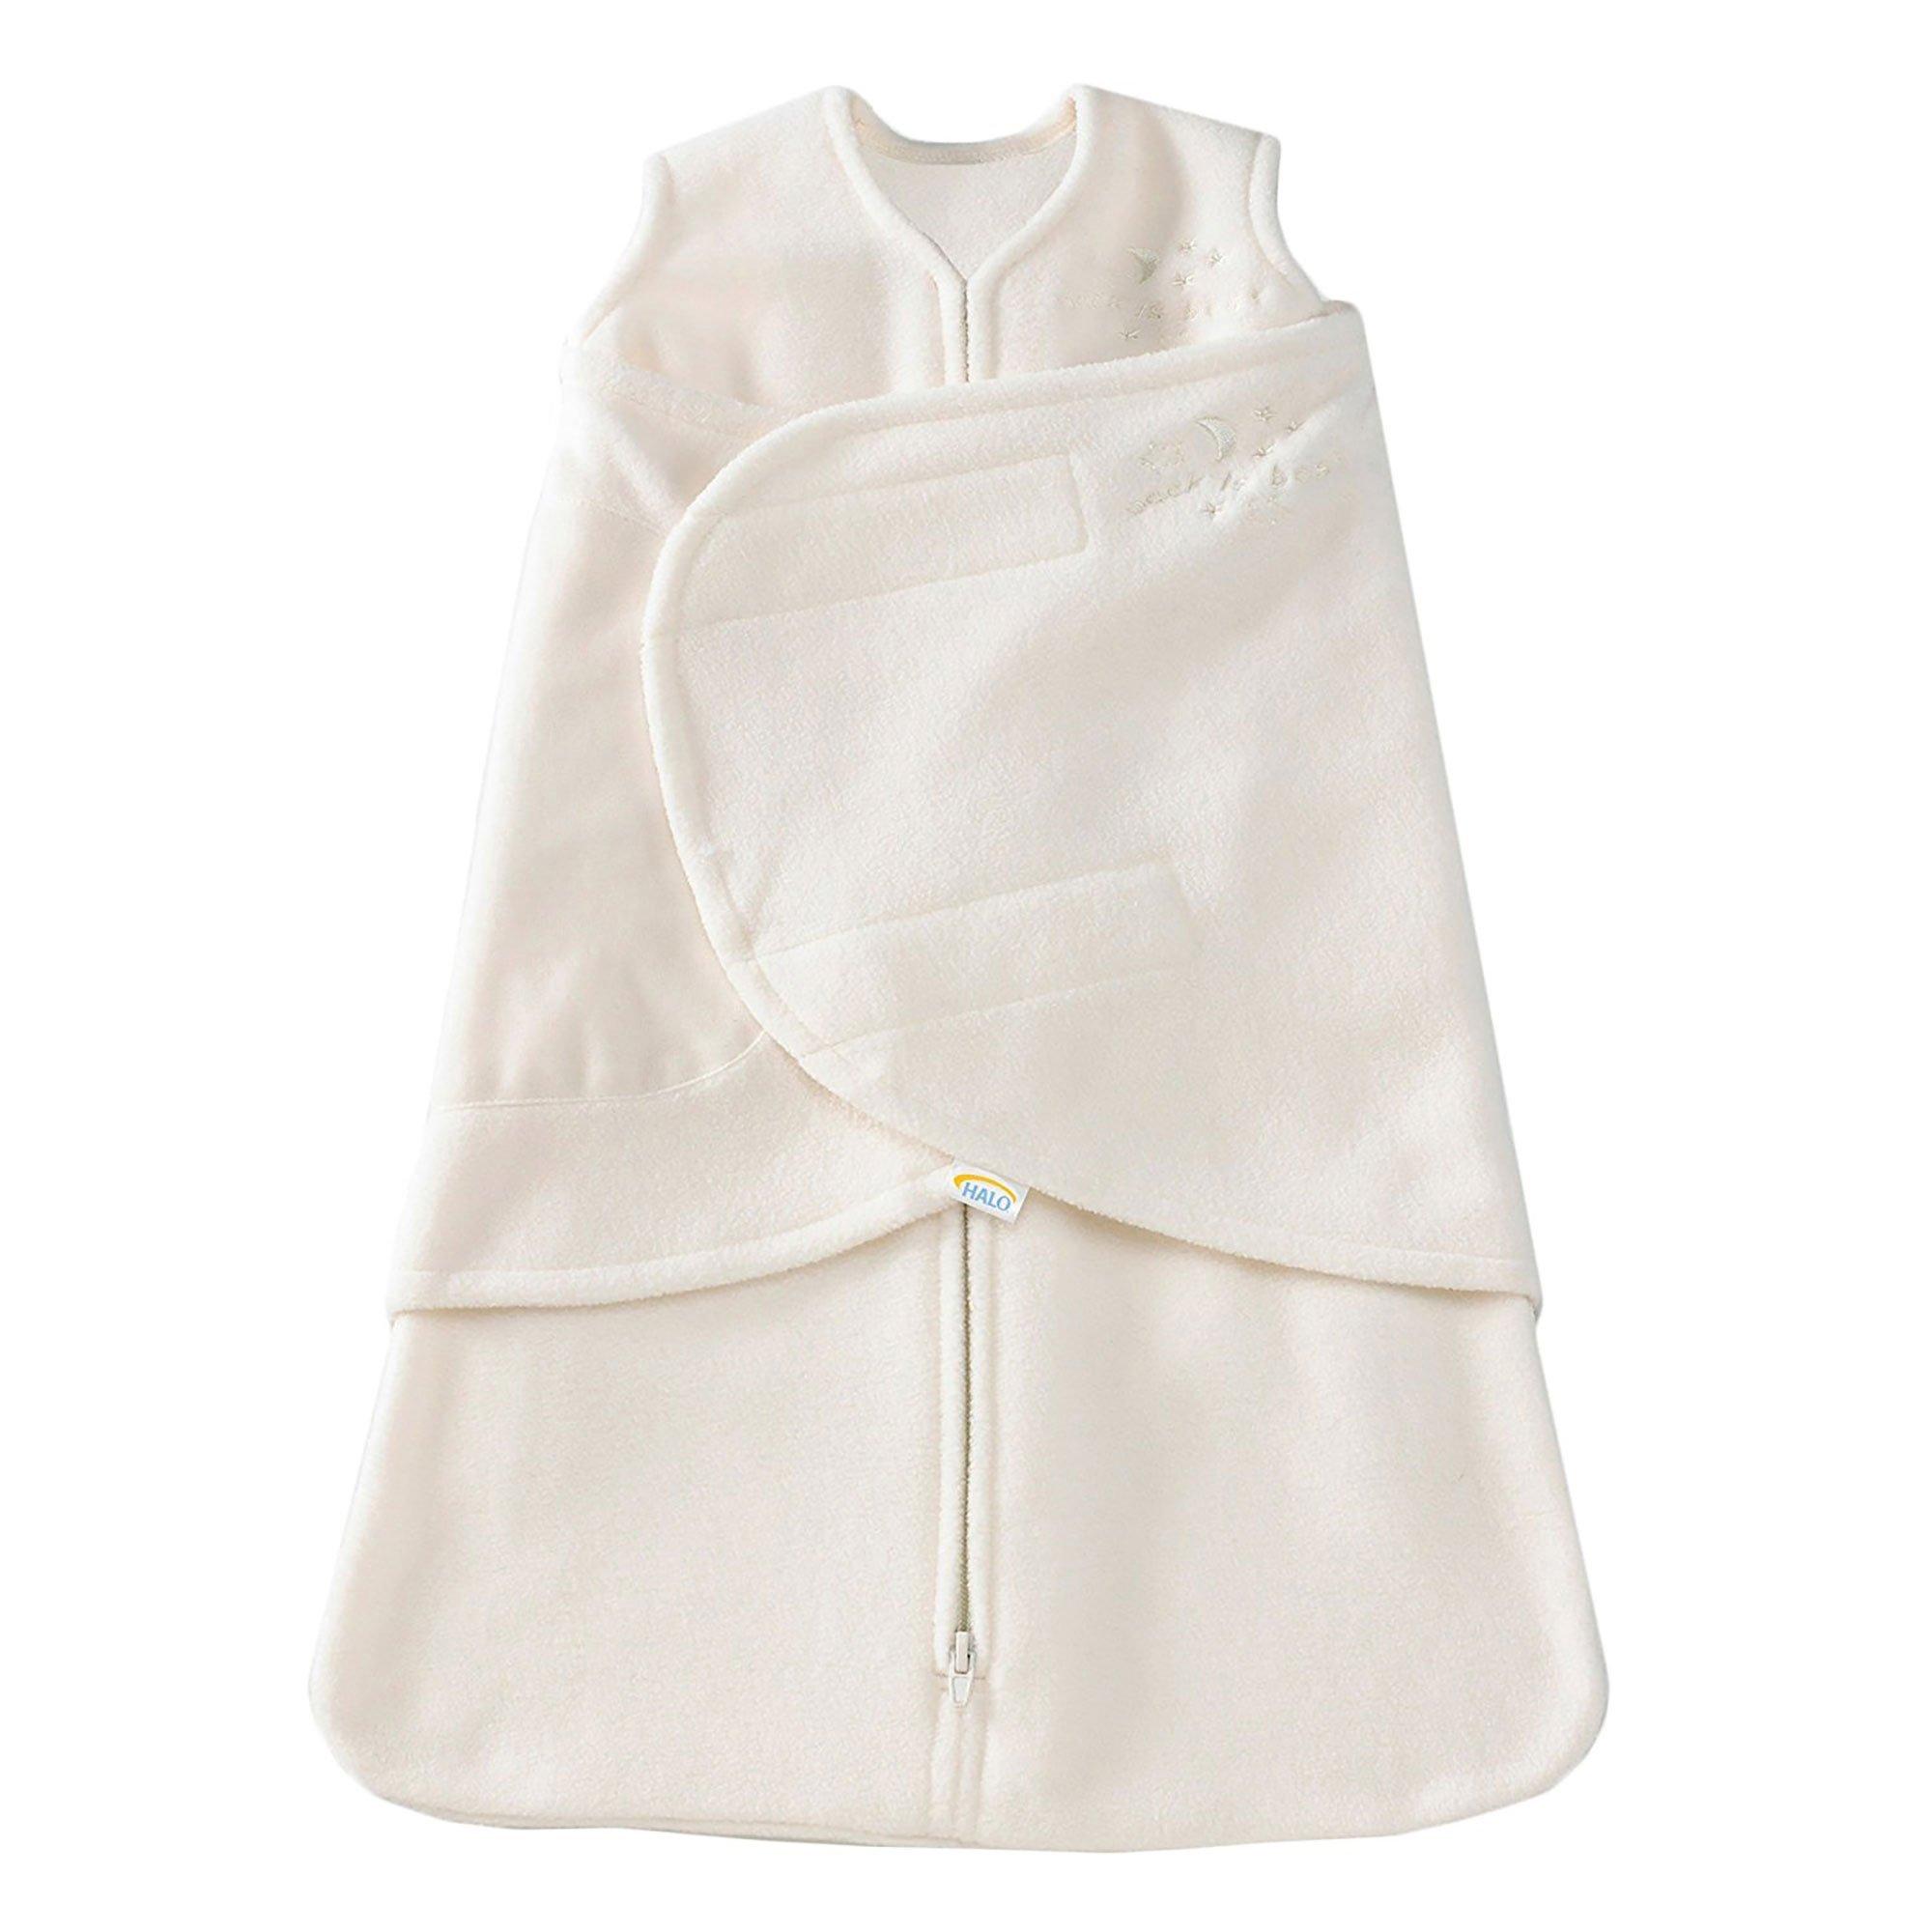 HALO SleepSack Micro-Fleece Swaddle, Cream, Small